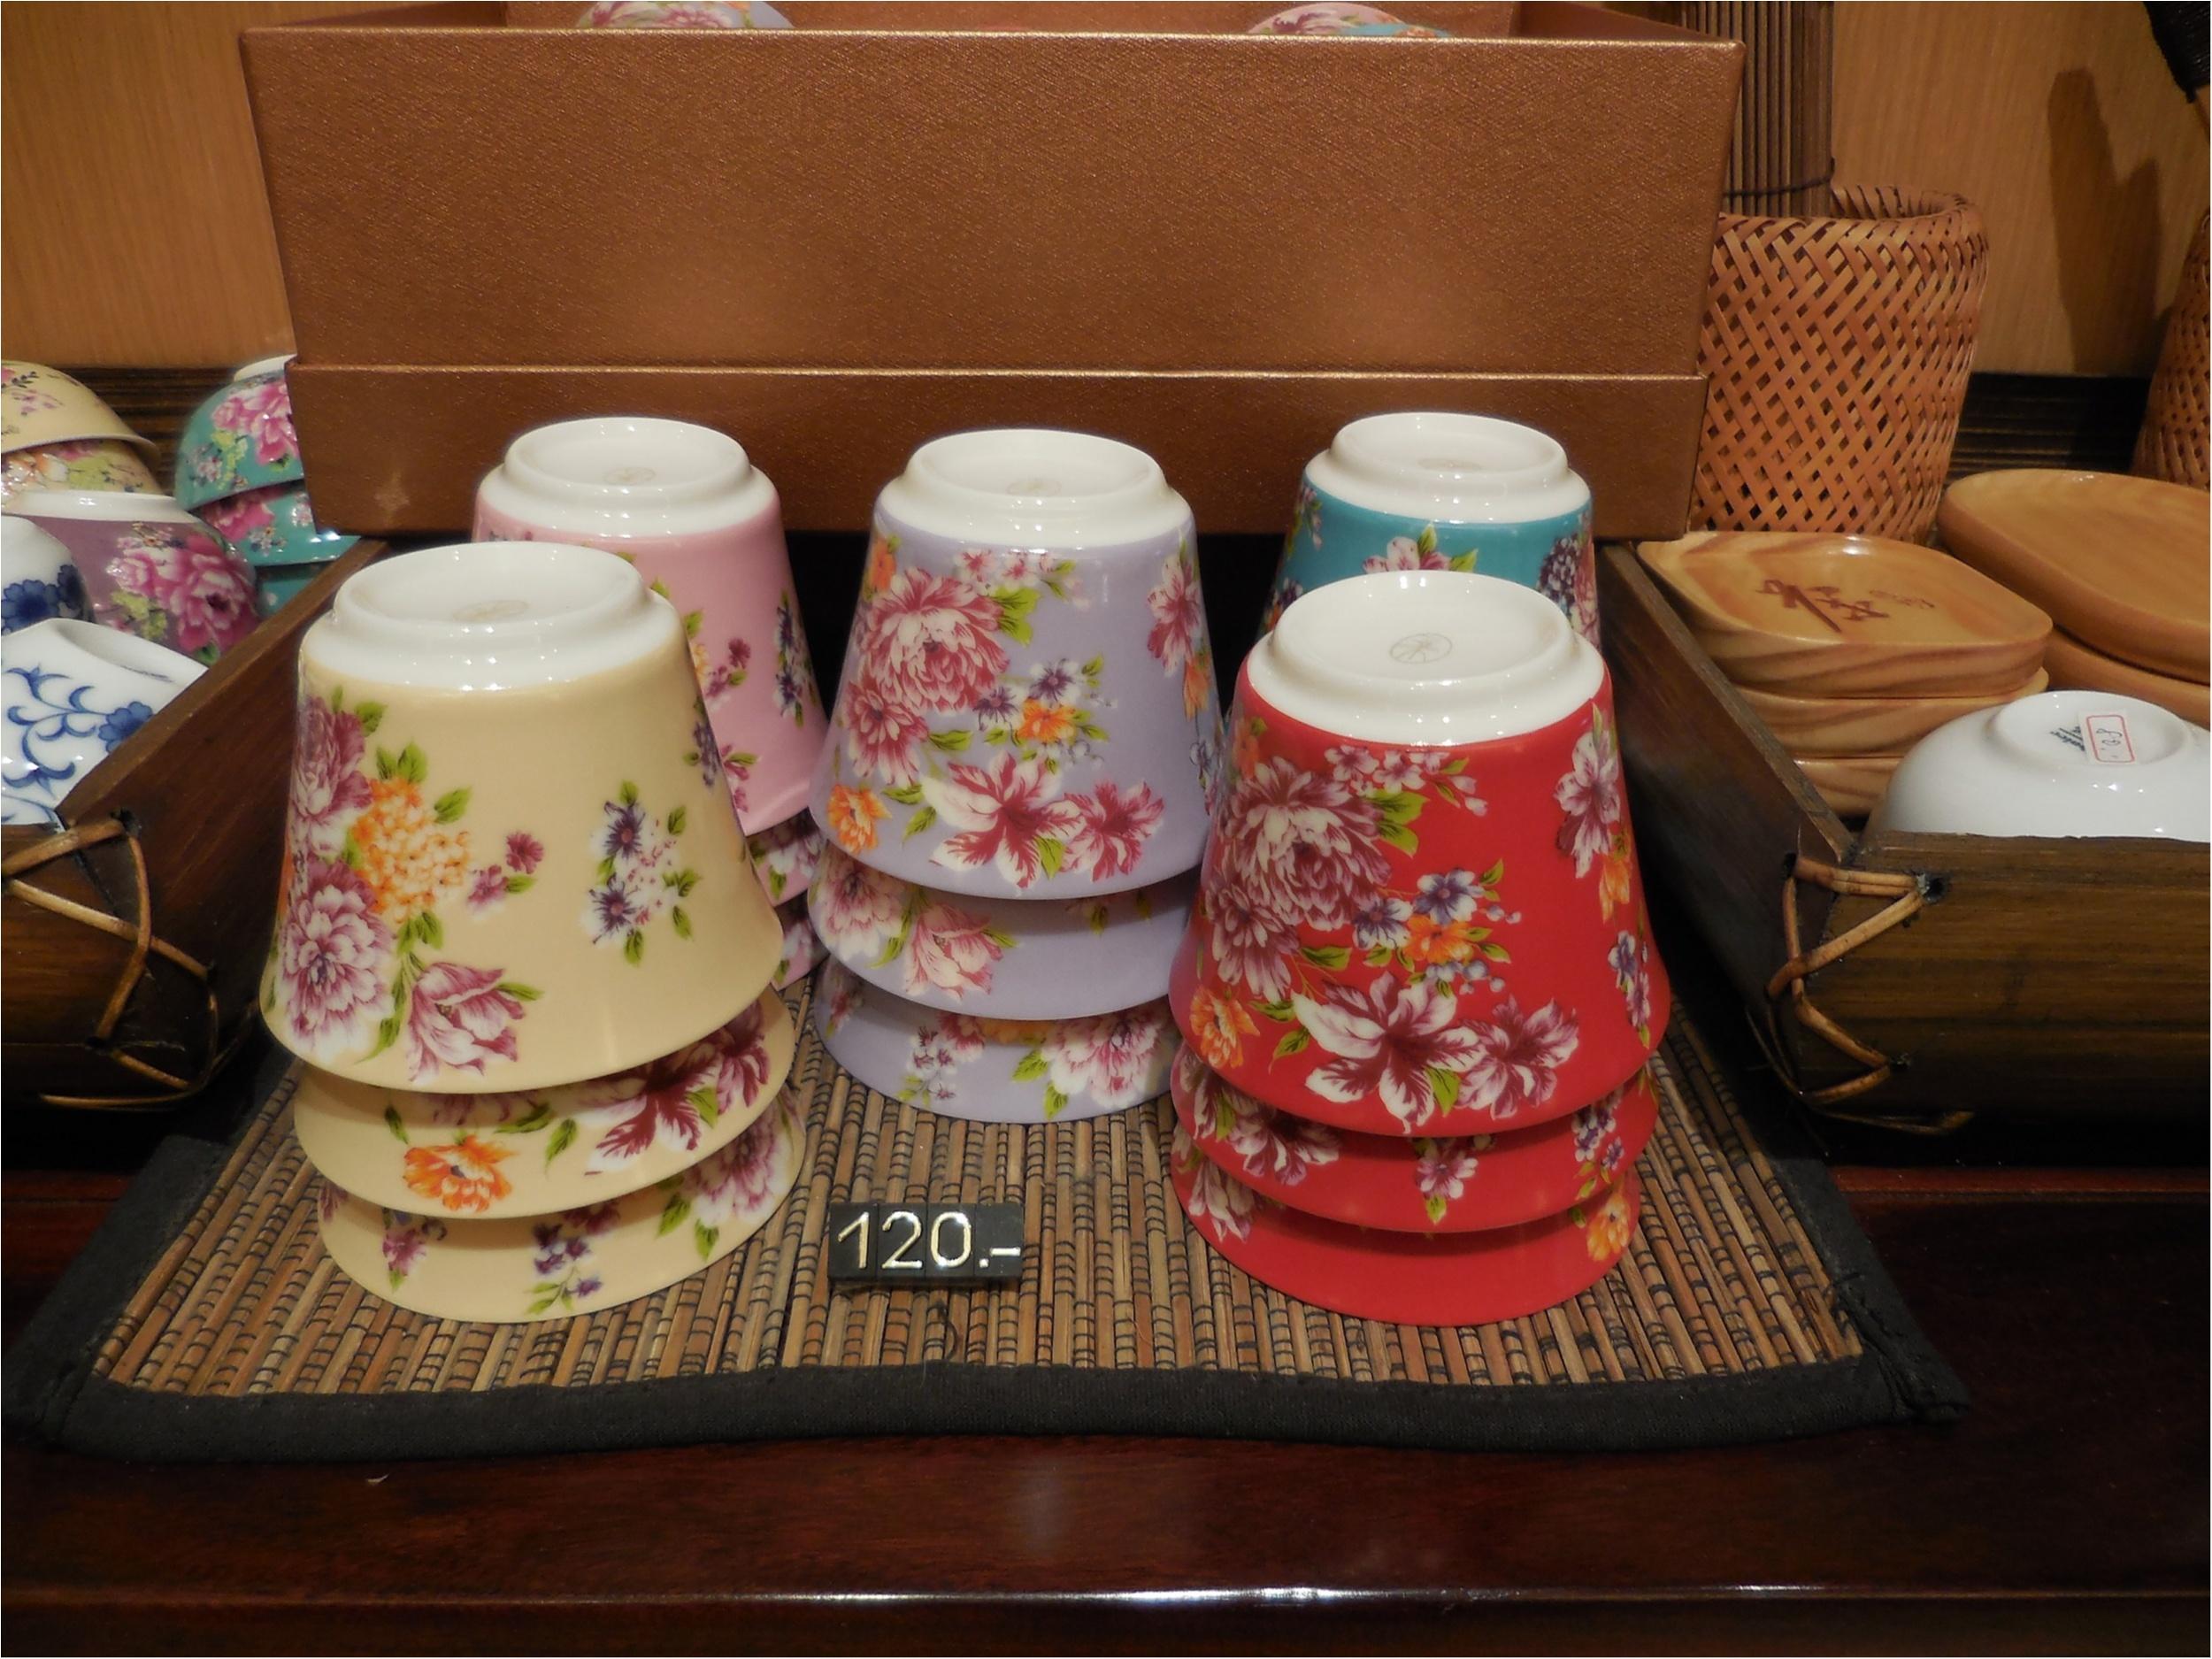 【台湾・台北】台湾花布をモチーフにした飲杯が最高に可愛い!_6